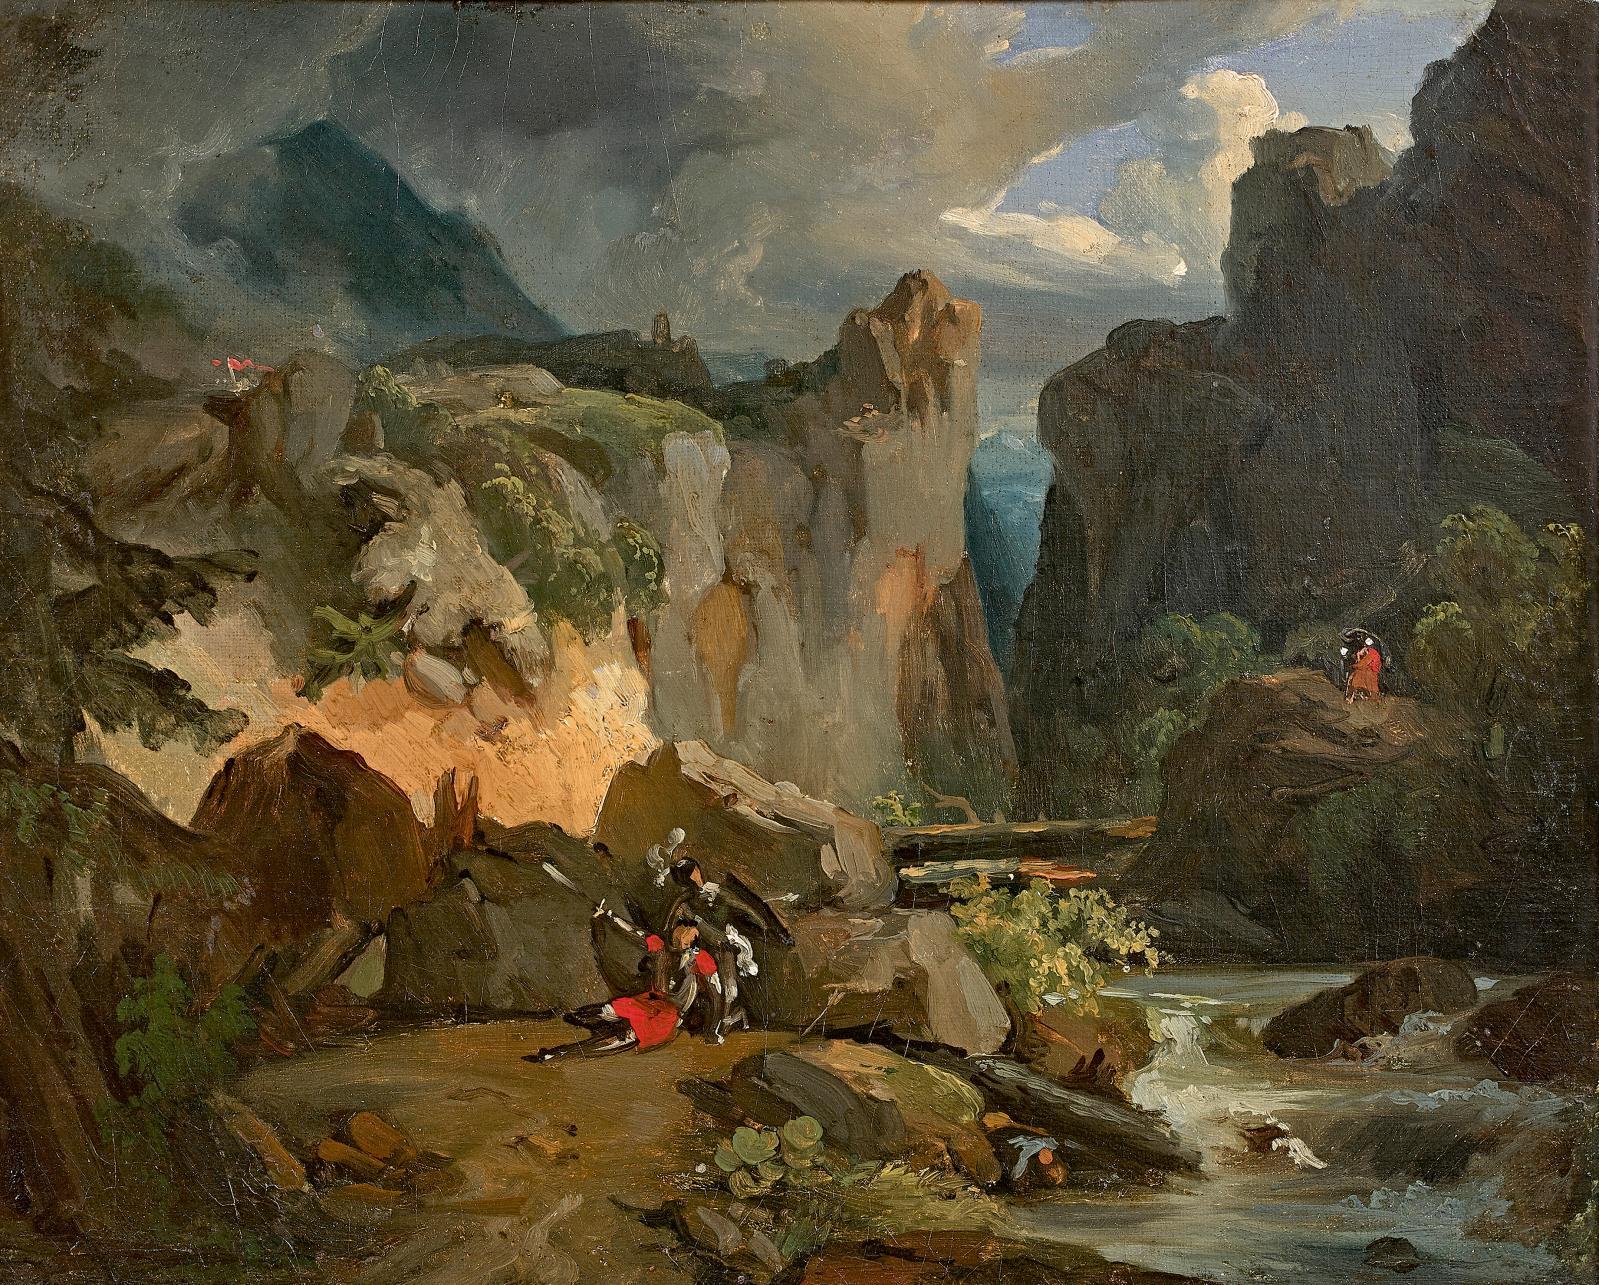 Achille-Etna Michallon(1795-1822), La Mort de Roland, huile sur toile, 32x40,6cm. Adjugé: 25400€